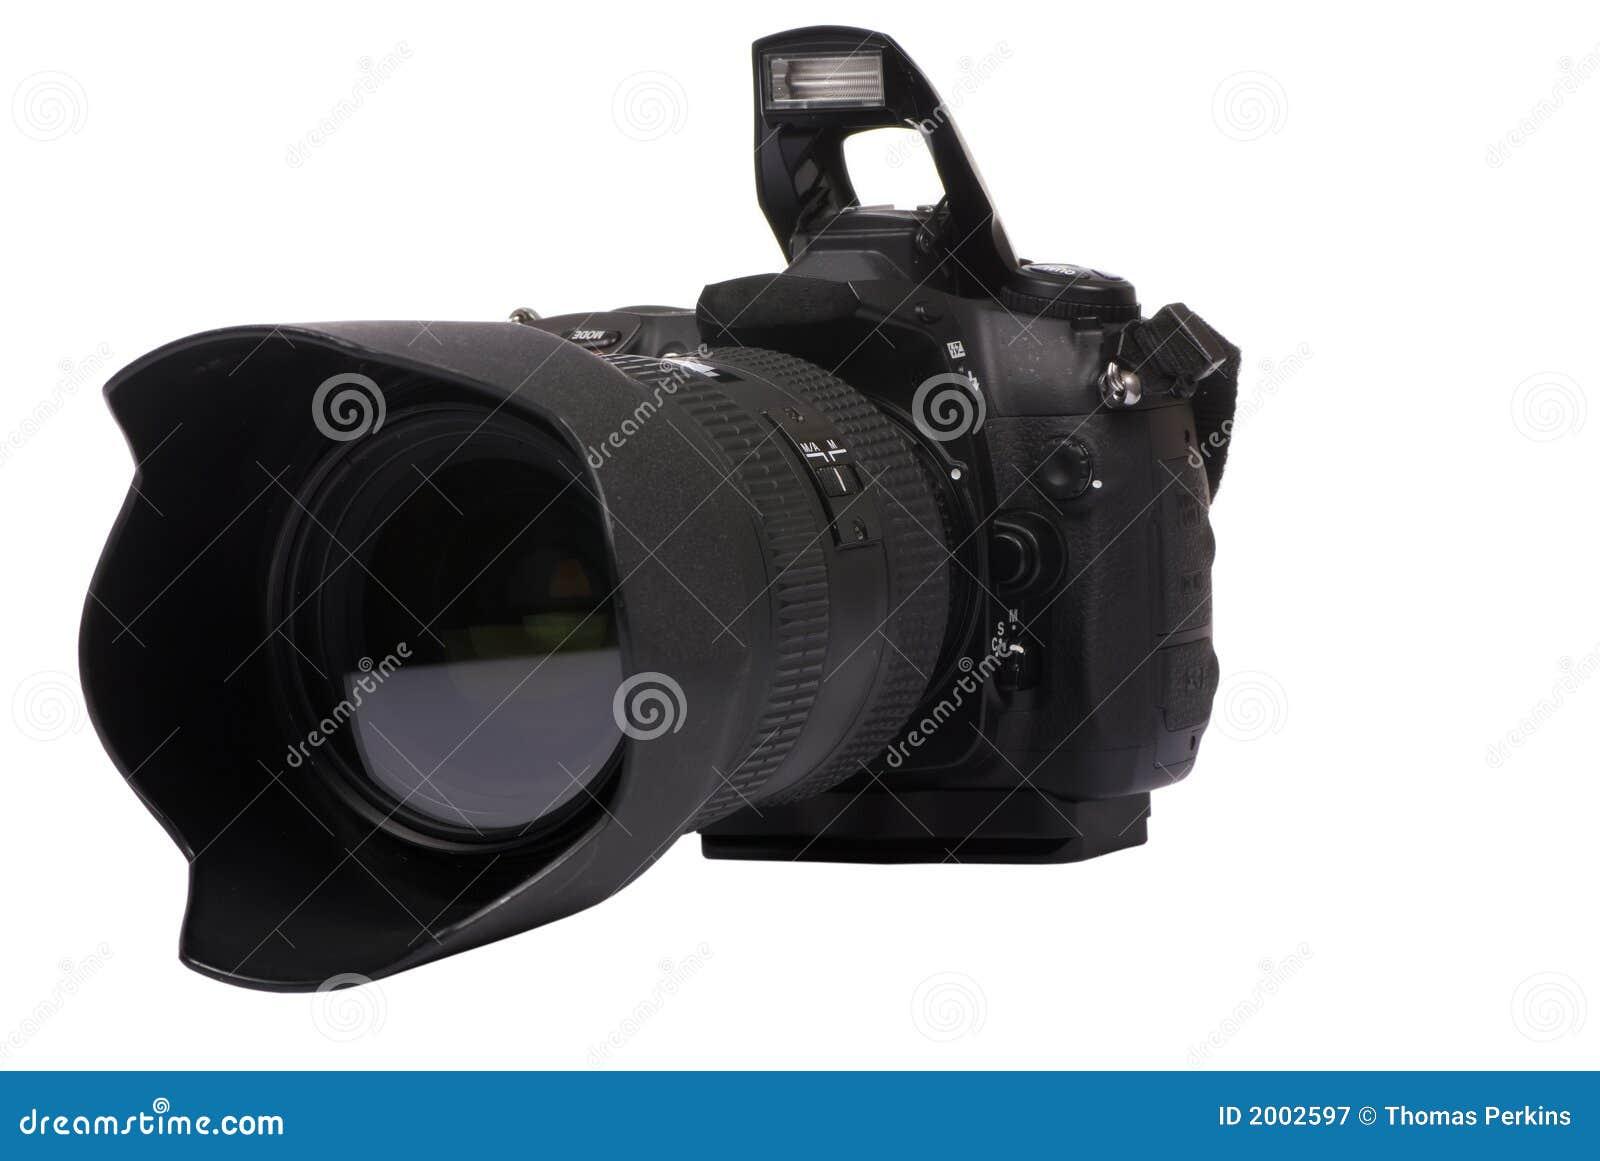 Digital Camera DSLR